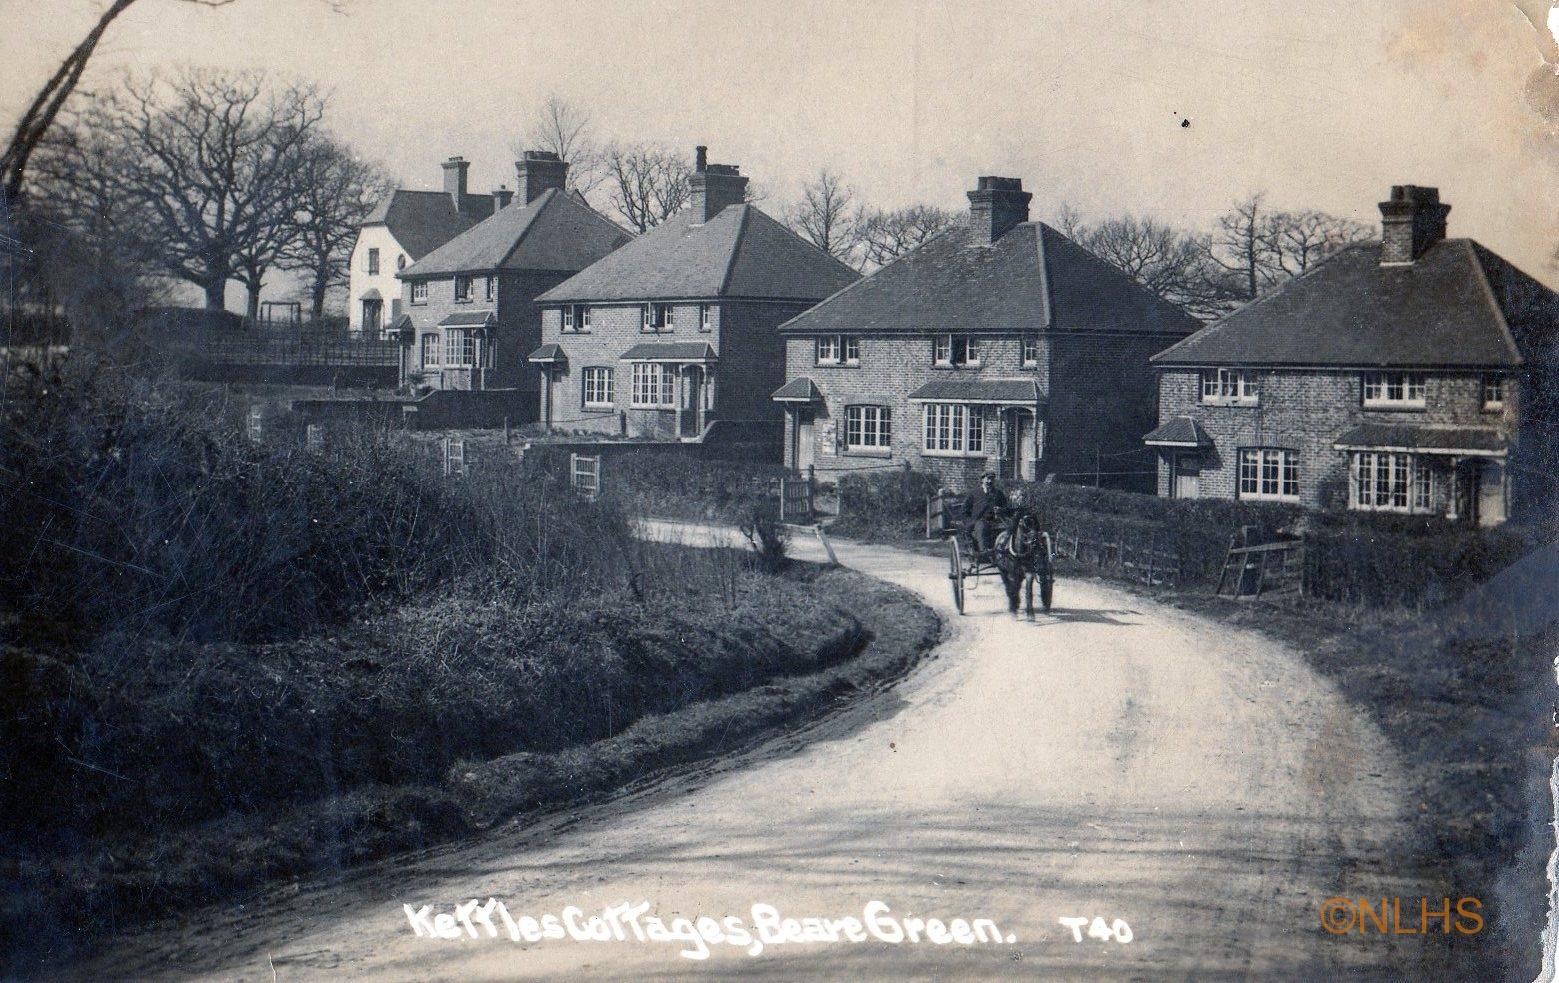 38-Brickyard Cottages